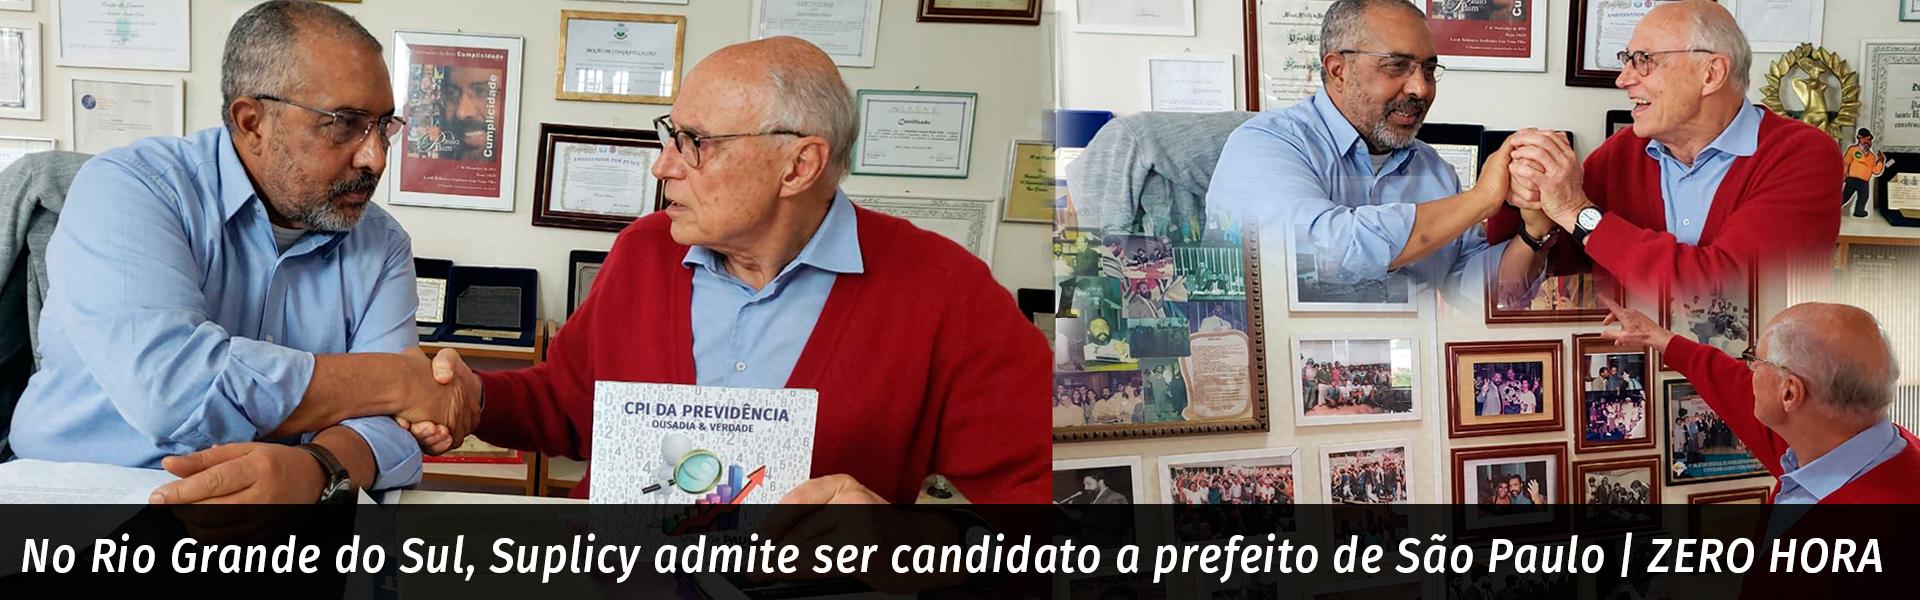 No Rio Grande do Sul, Suplicy admite ser candidato a prefeito de São Paulo